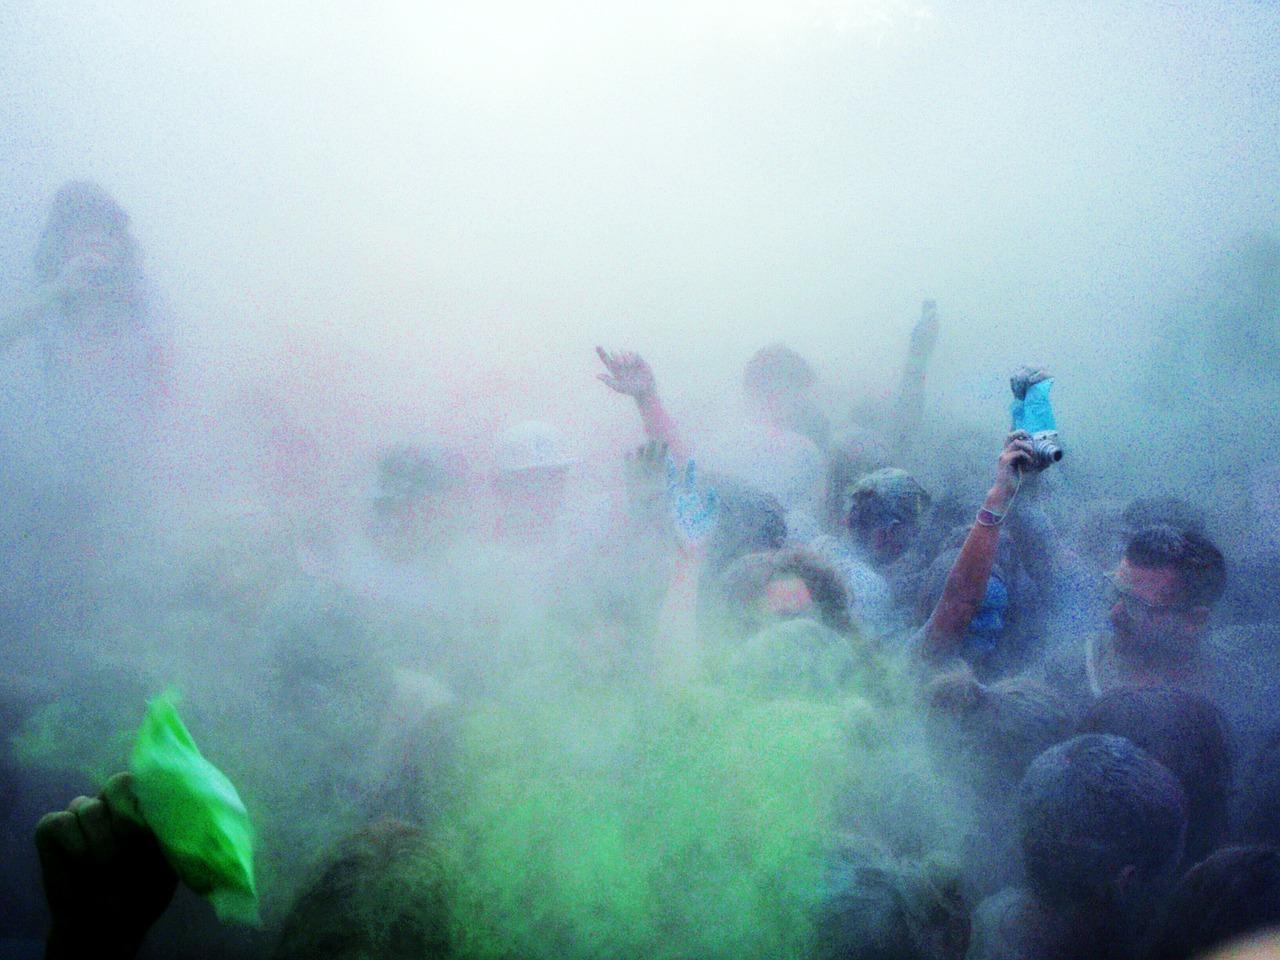 Indisches Farbfest, Menschen bedeckt von bunten Pudern